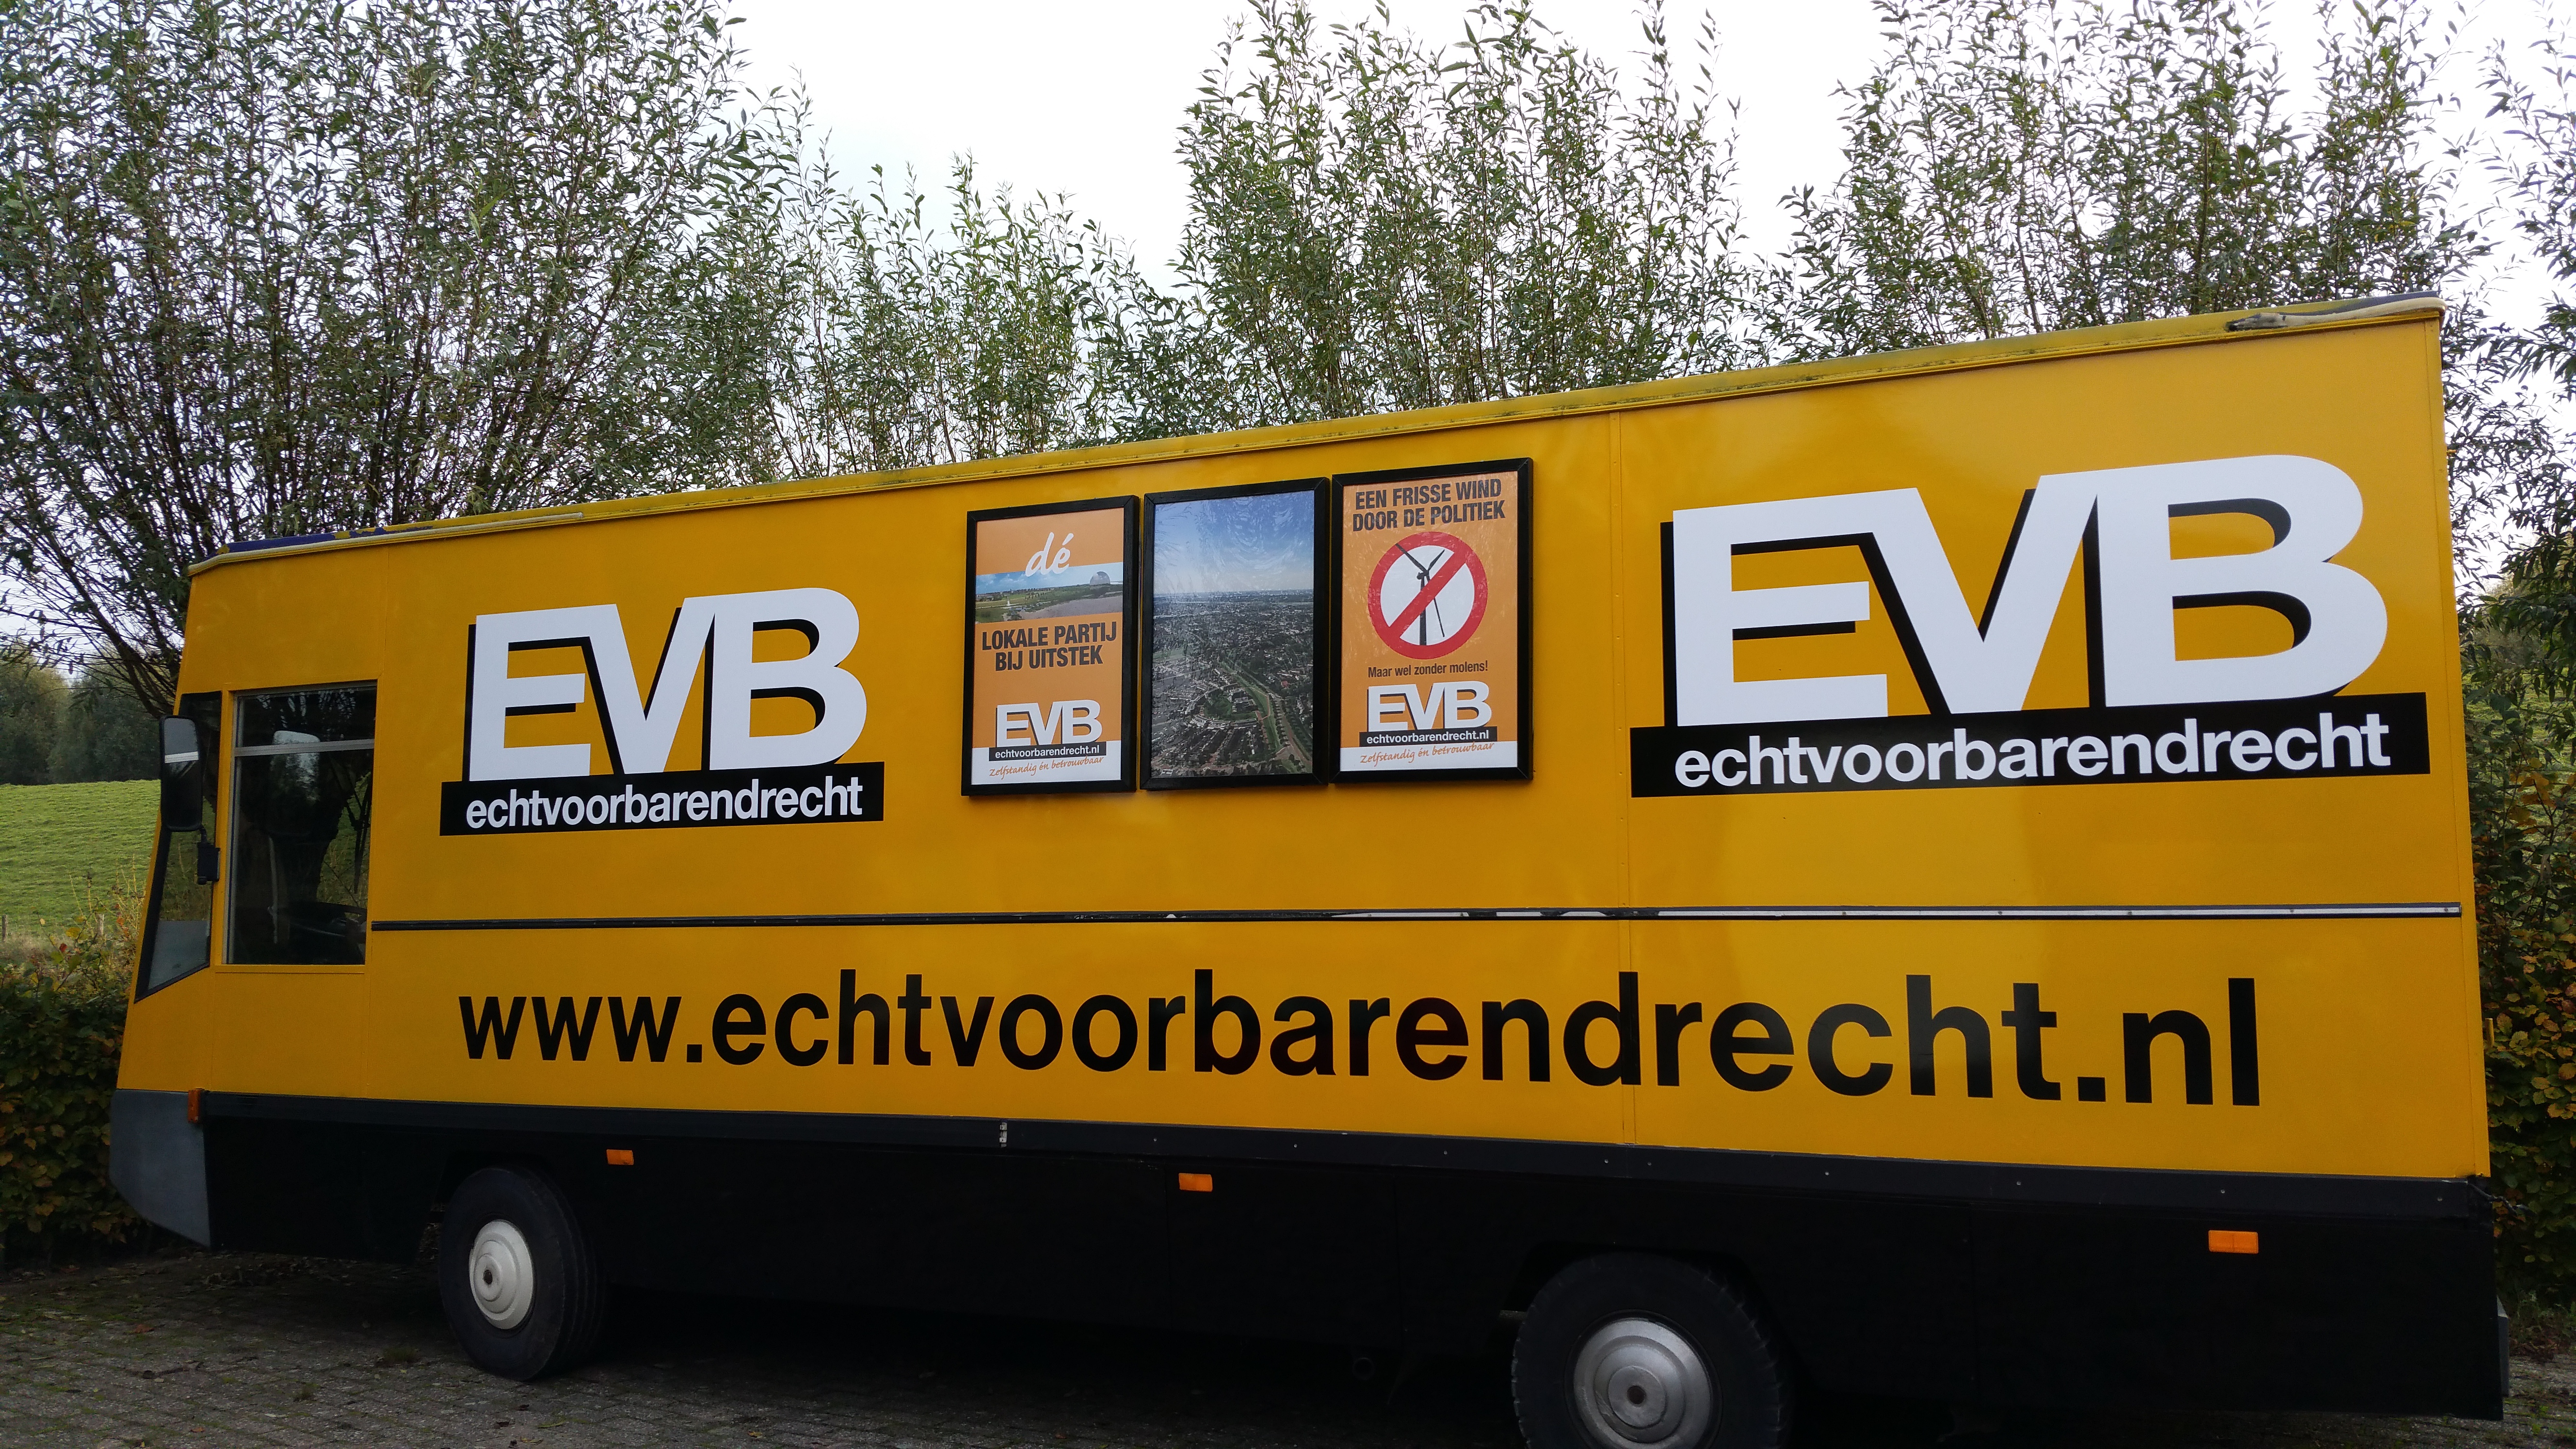 Campagnewagen Echt voor Barendrecht